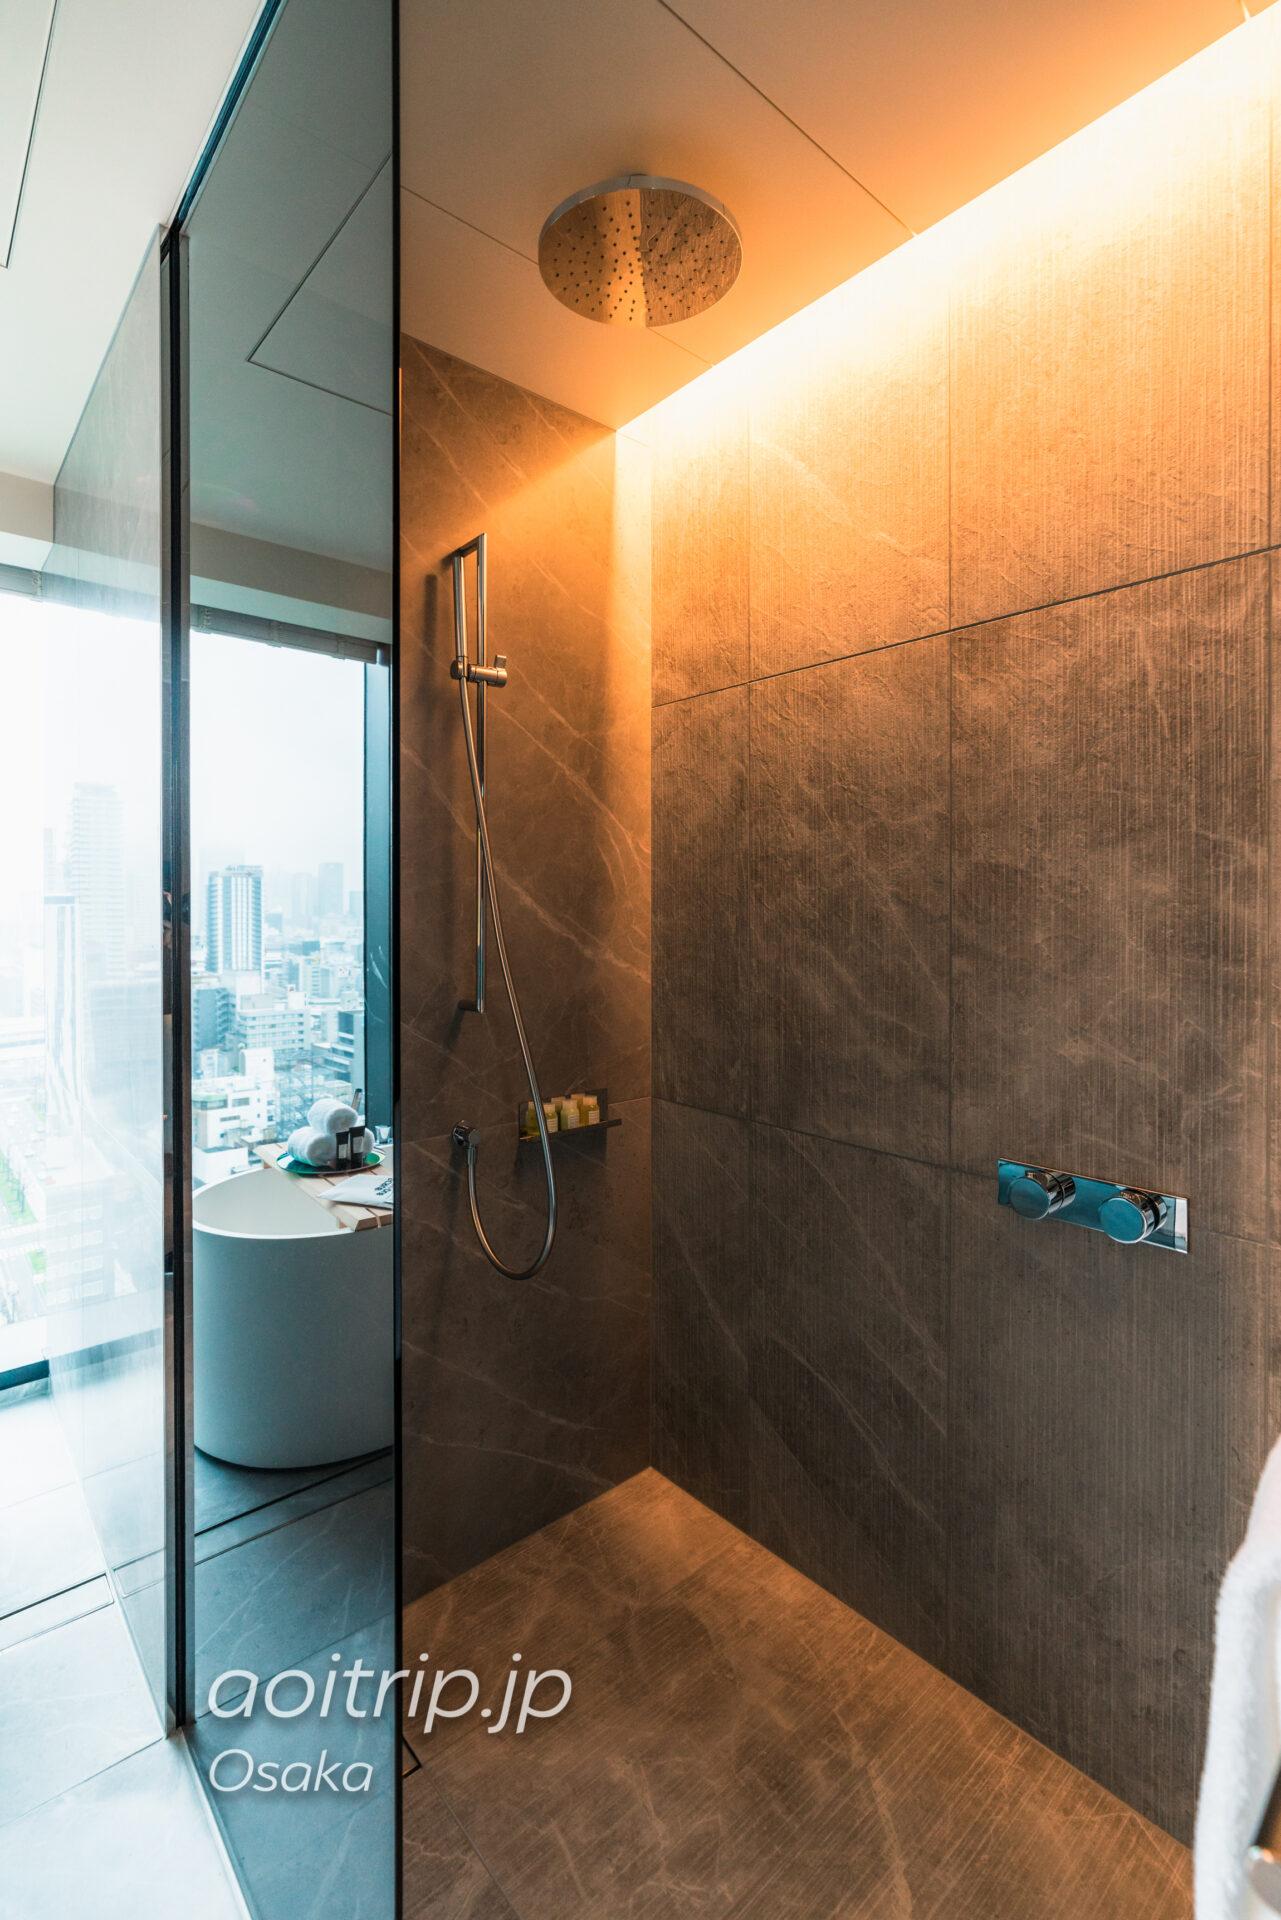 W大阪 シャワールーム